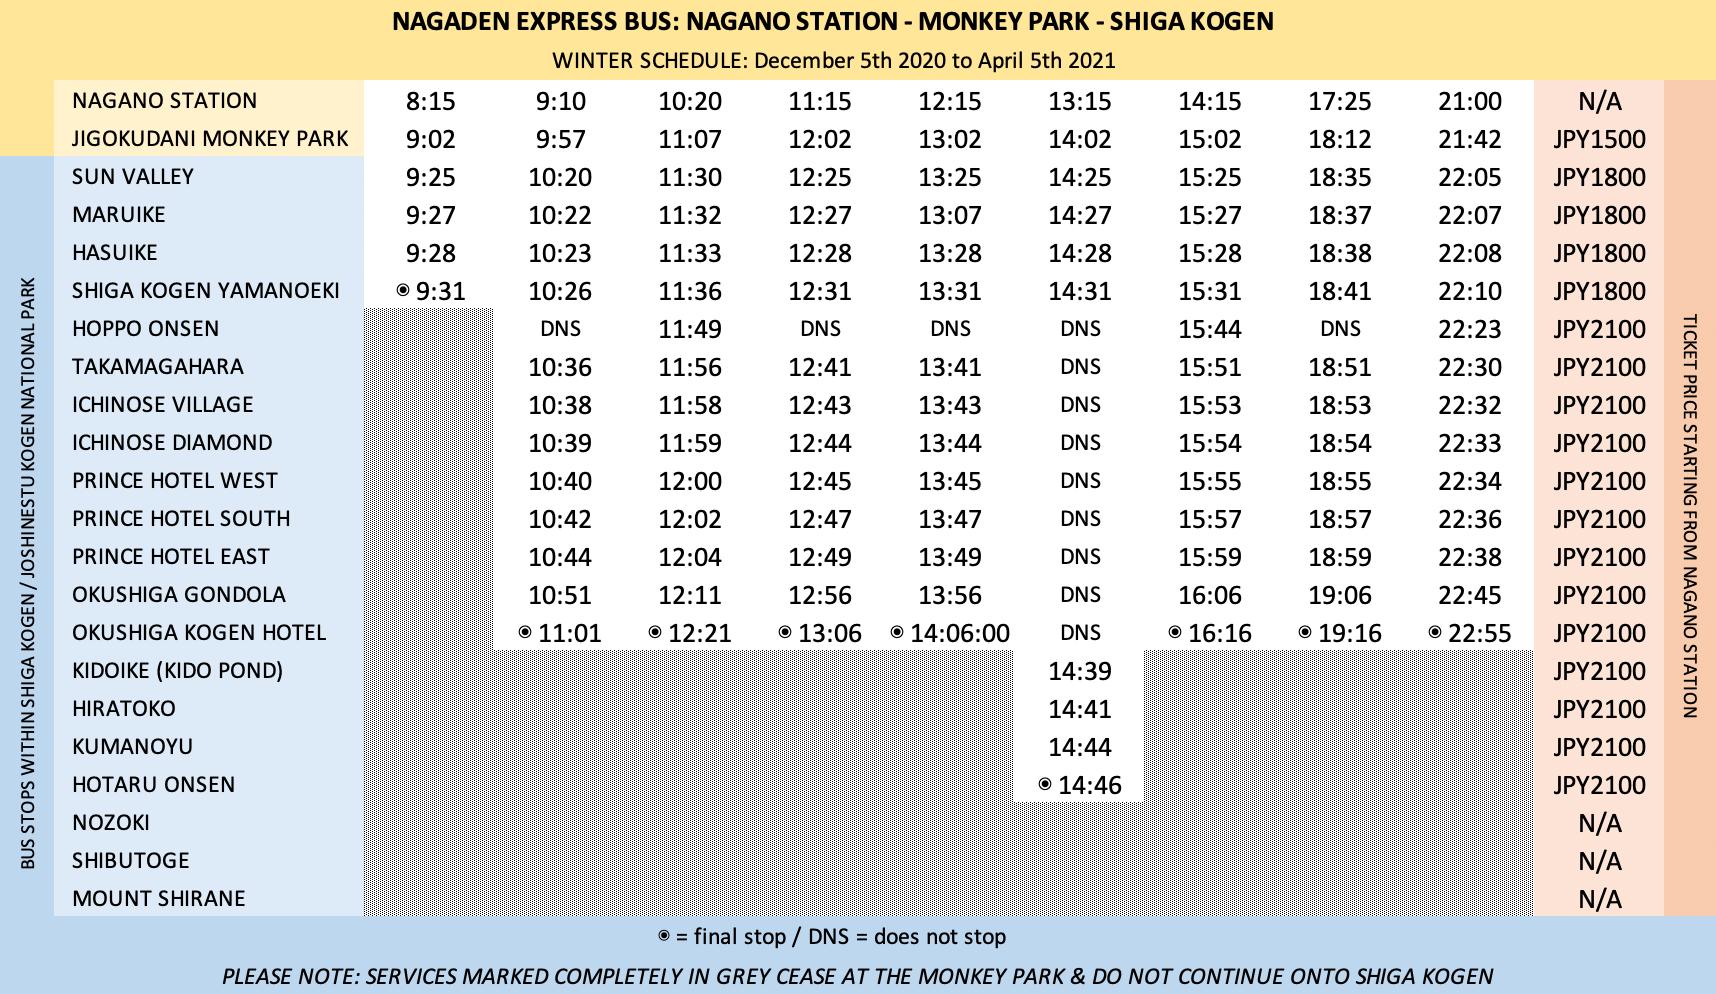 Nagano Express Bus Timetable 2020_2021